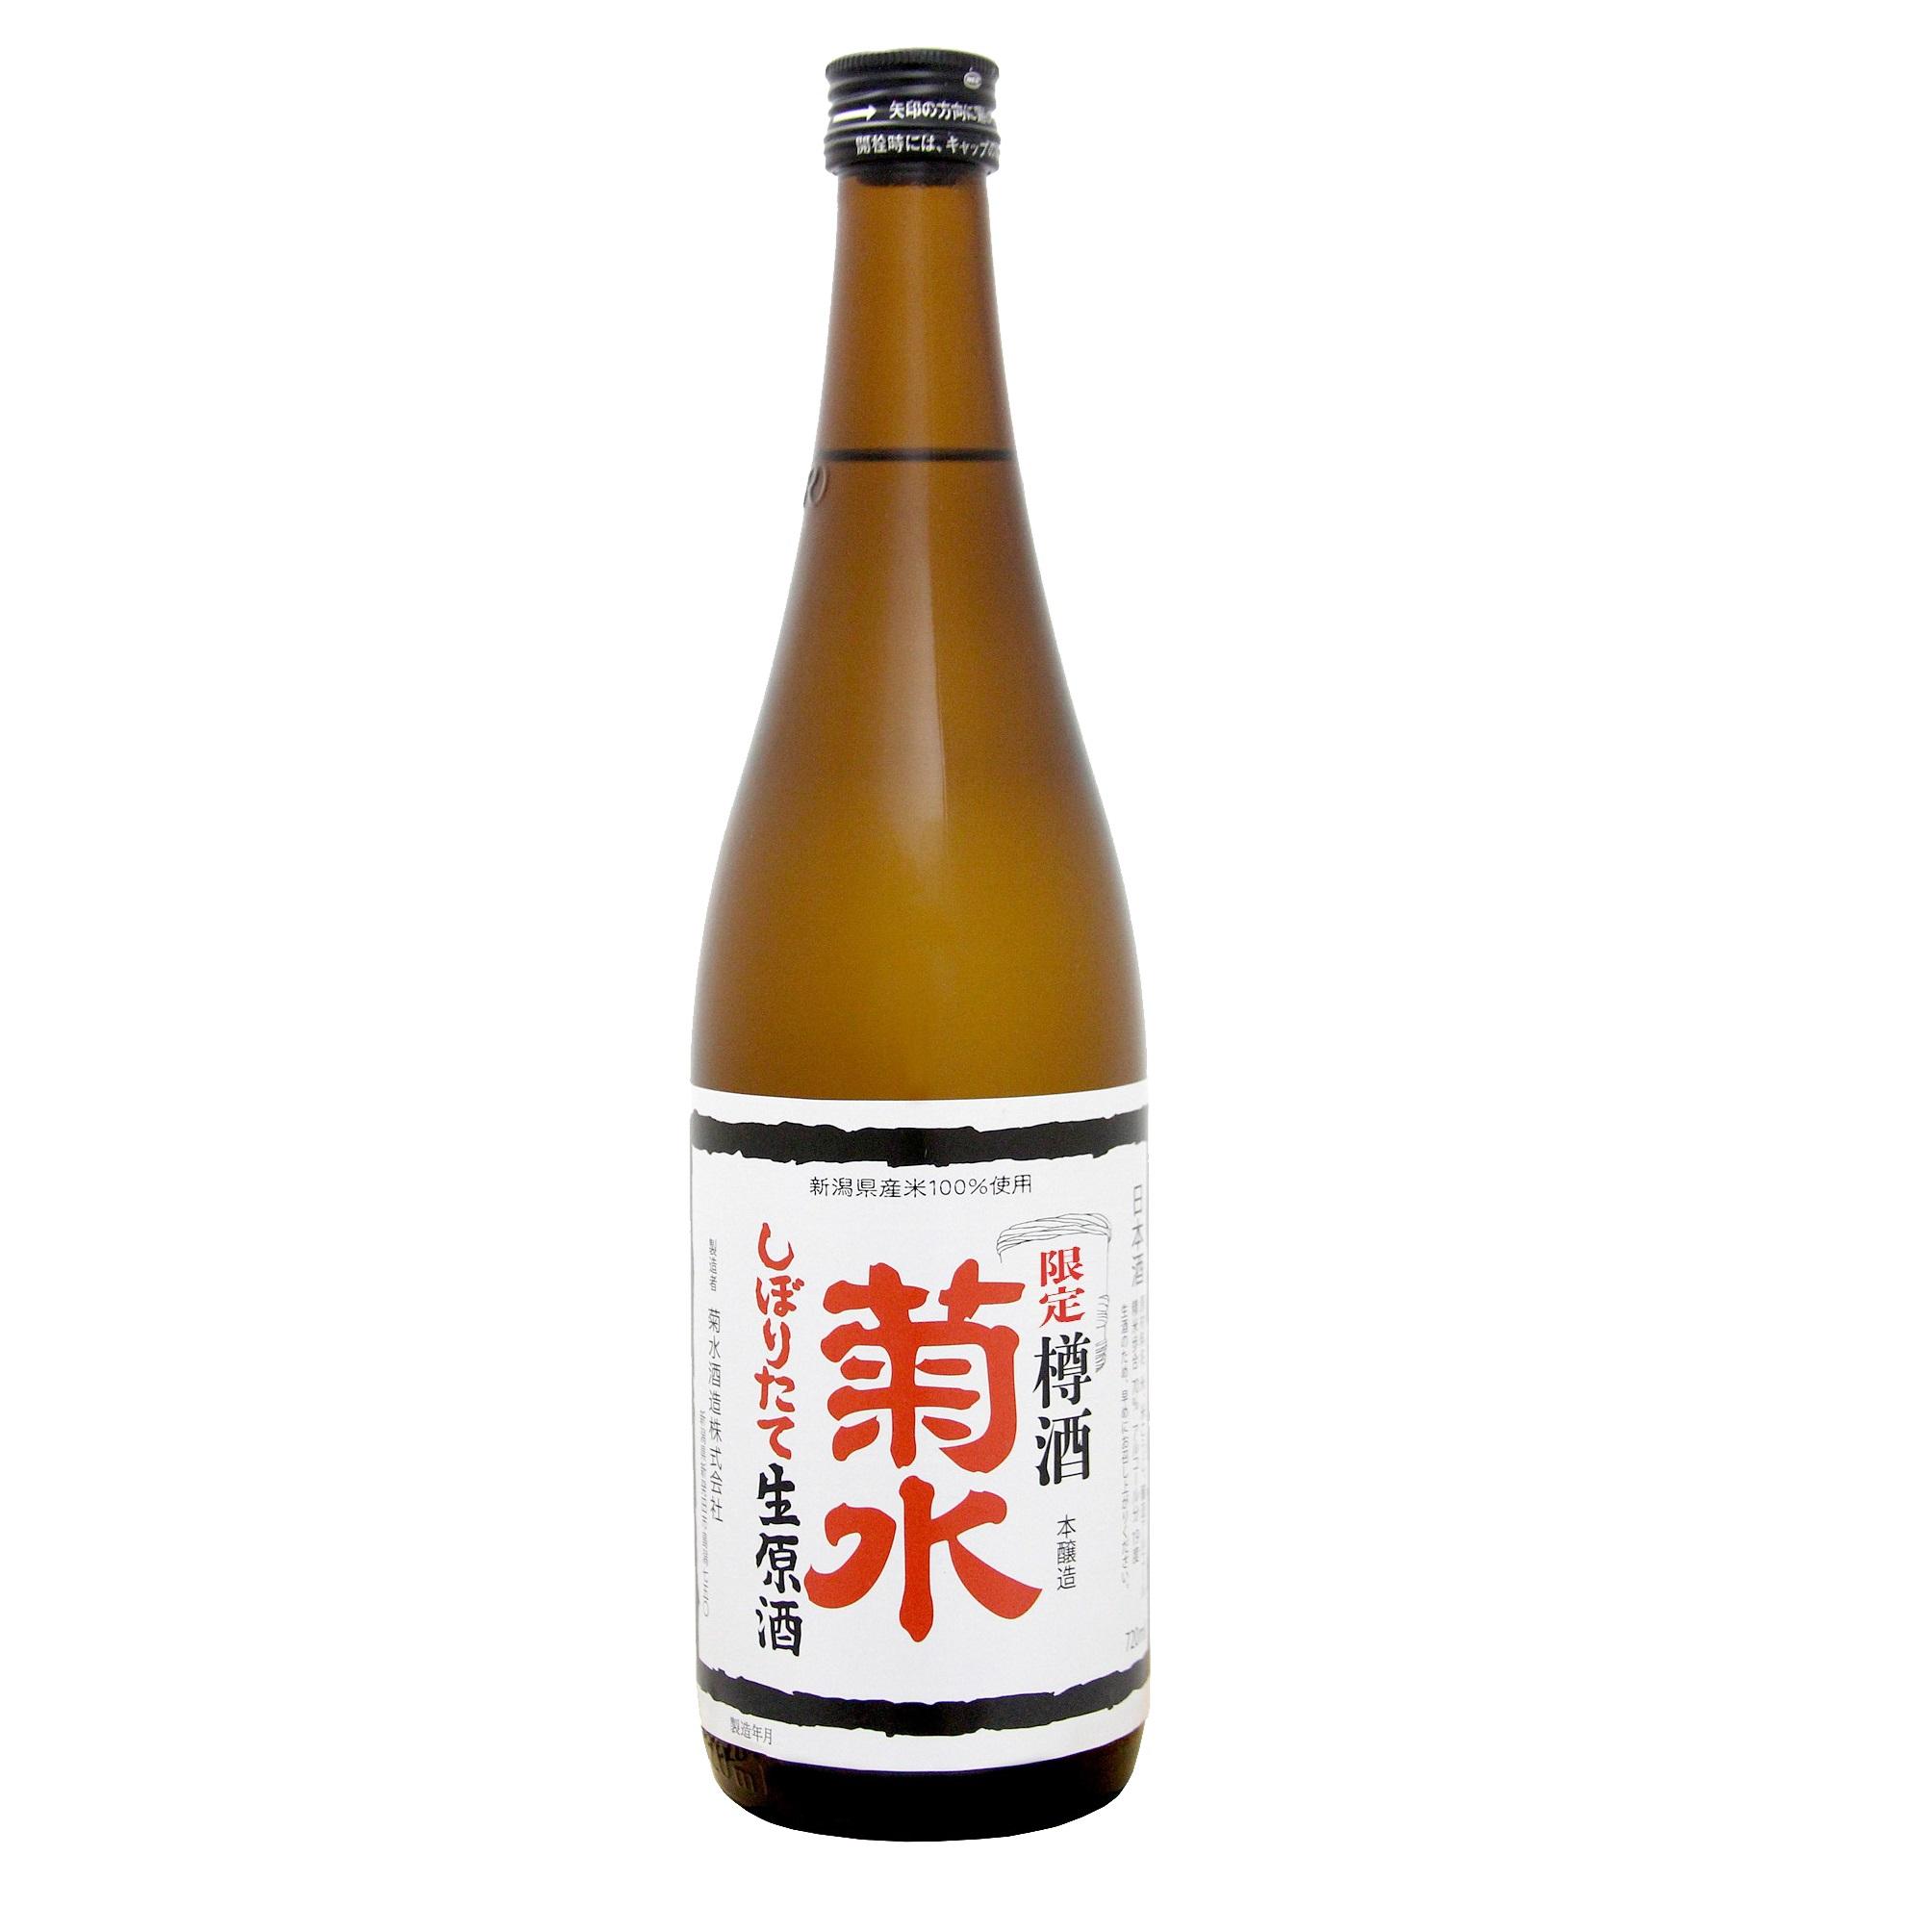 にいがた酒の陣限定販売品「樽酒」発売のお知らせ